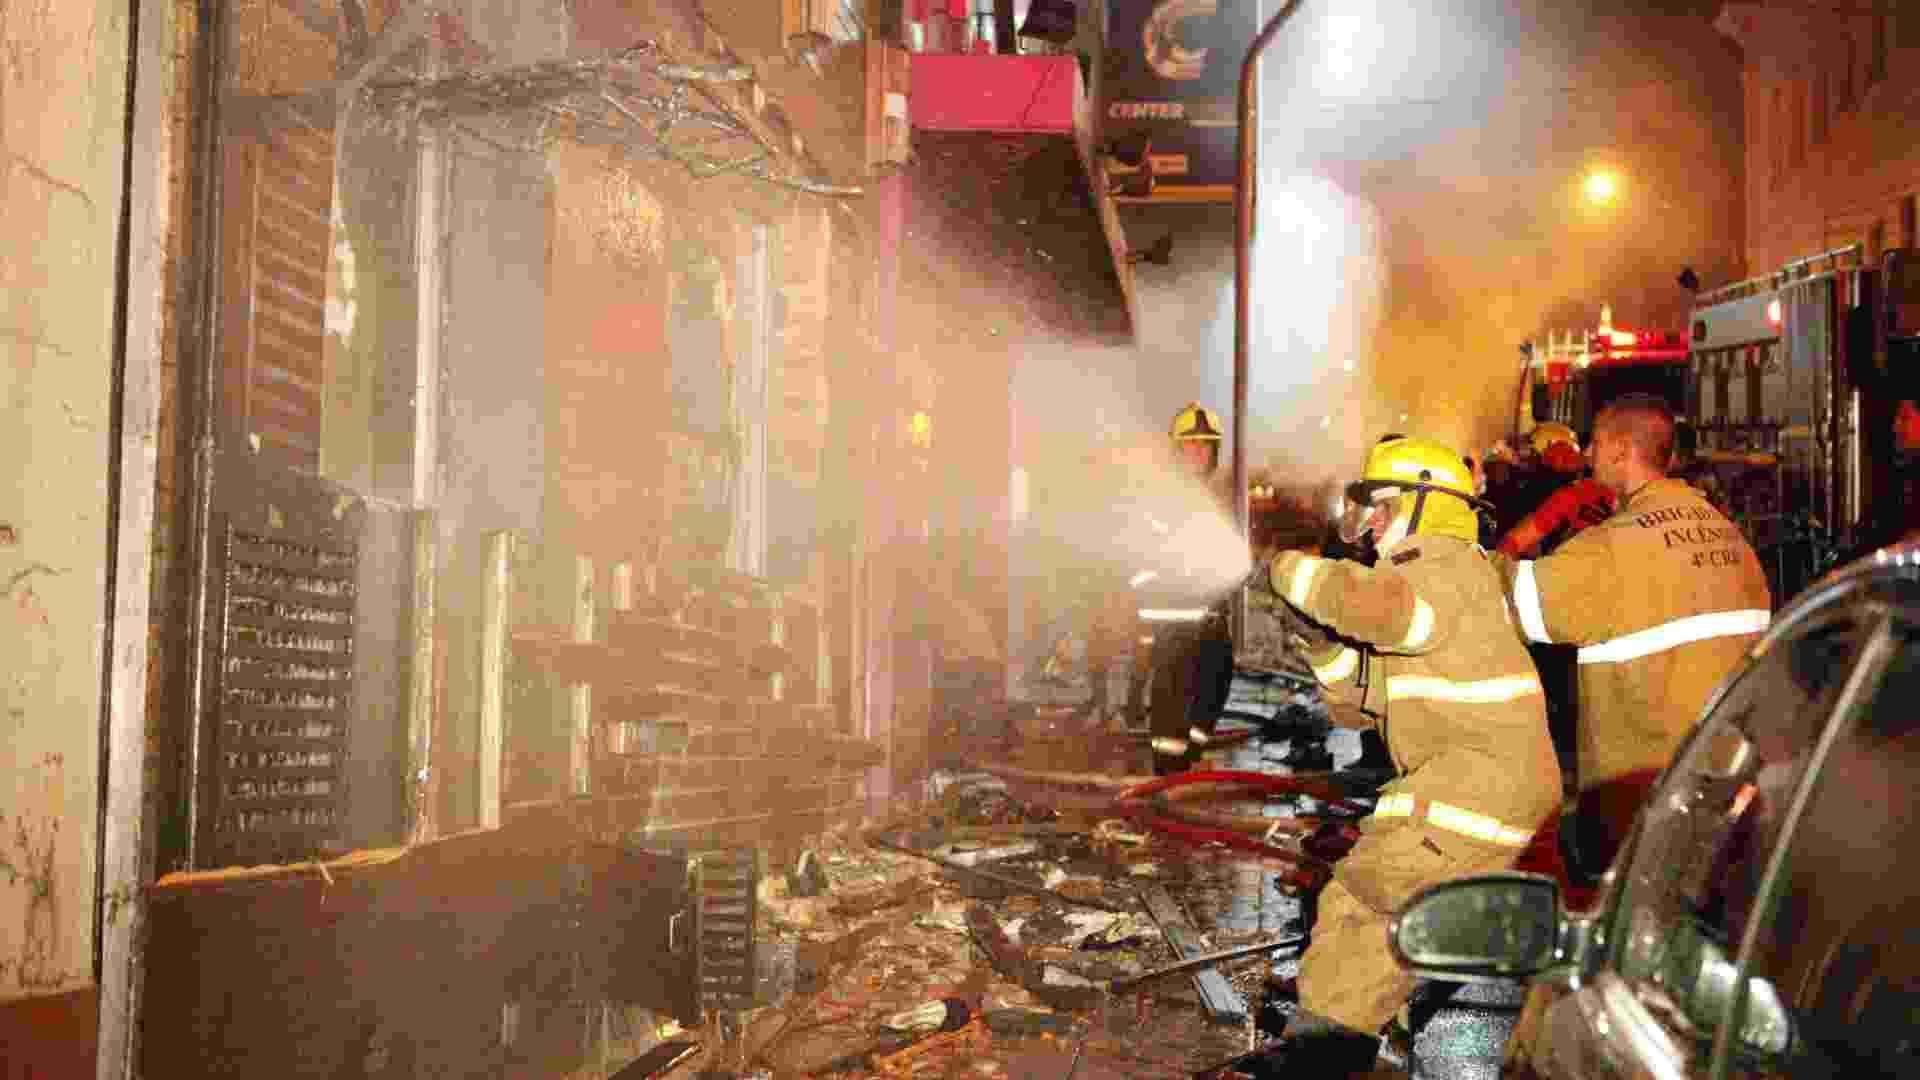 27.jan.2013 - Incêndio de grande proporção atinge a boate Kiss, no centro de Santa Maria (RS) - Germano Roratto/Agência RBS